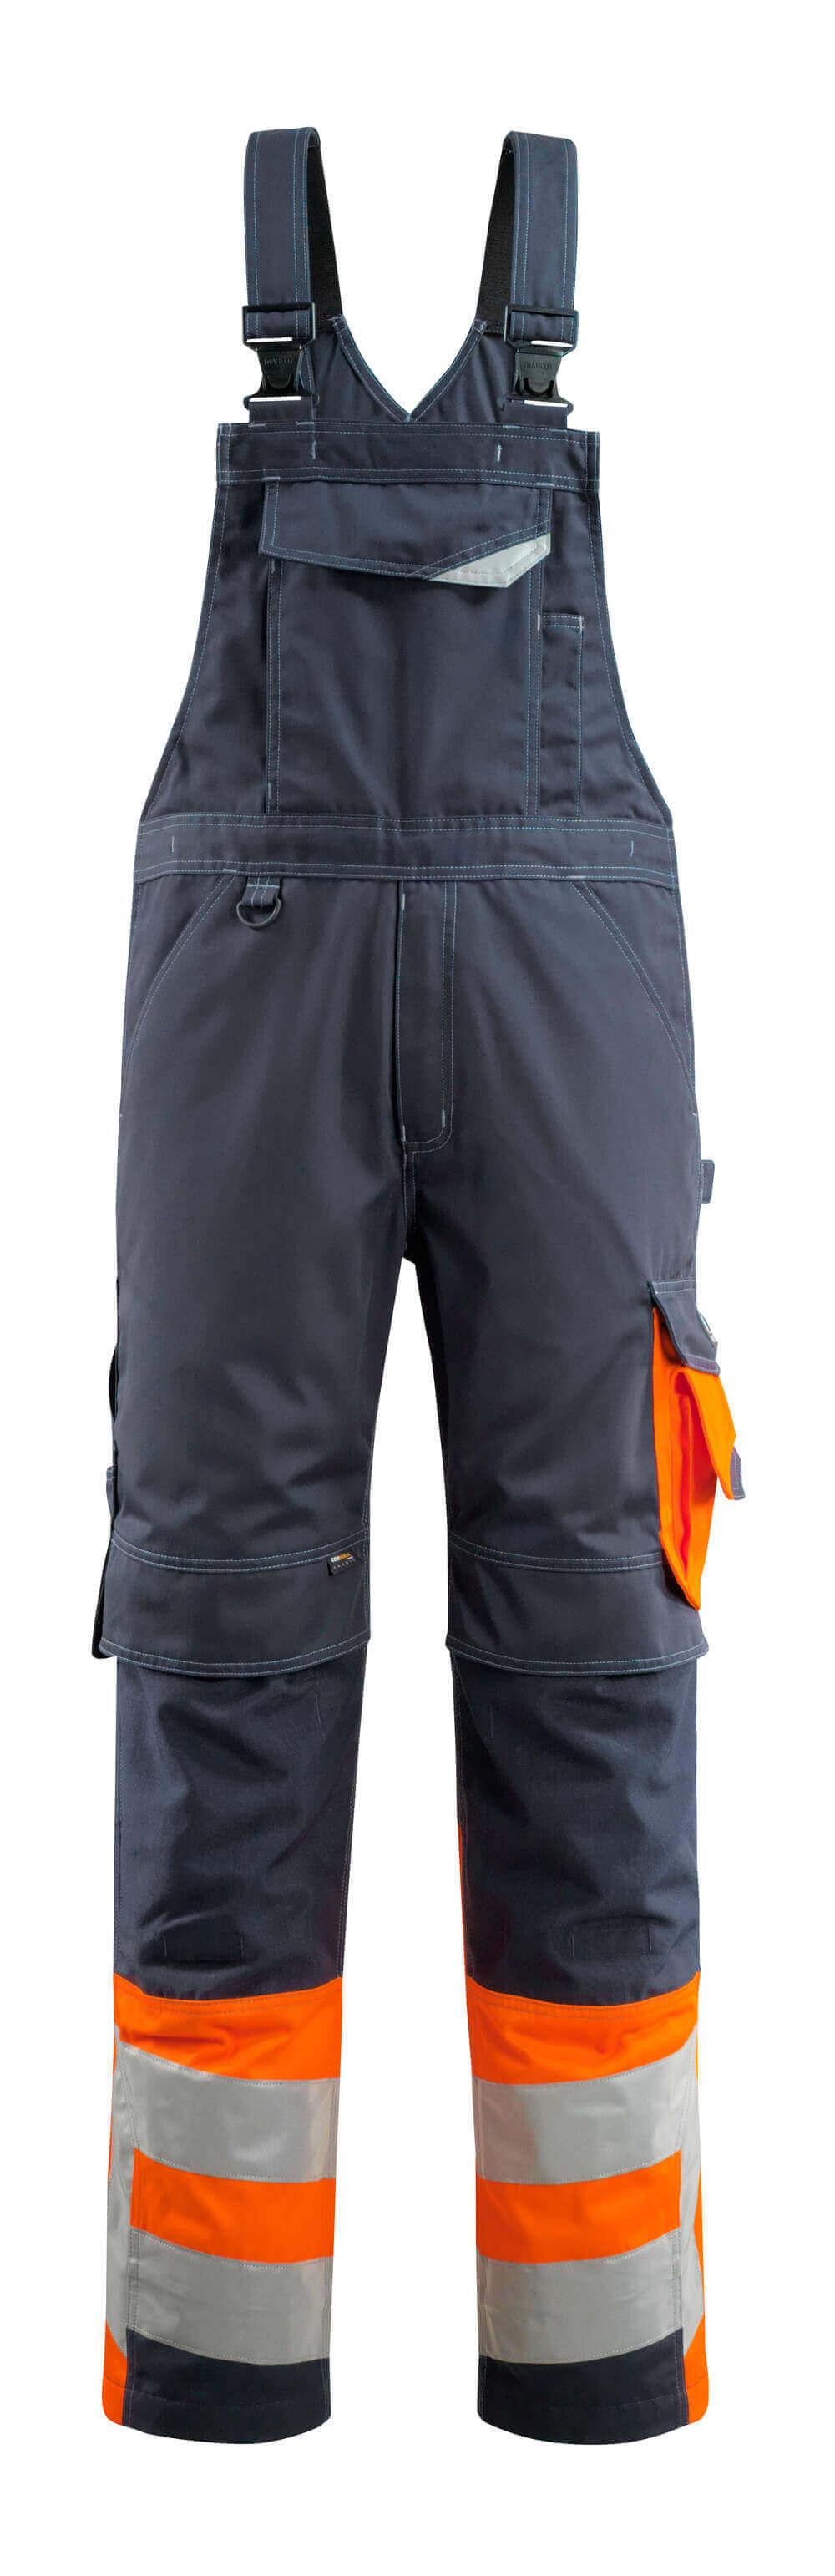 15669-860-01014 Overall med knelommer - mørk marine/hi-vis oransje